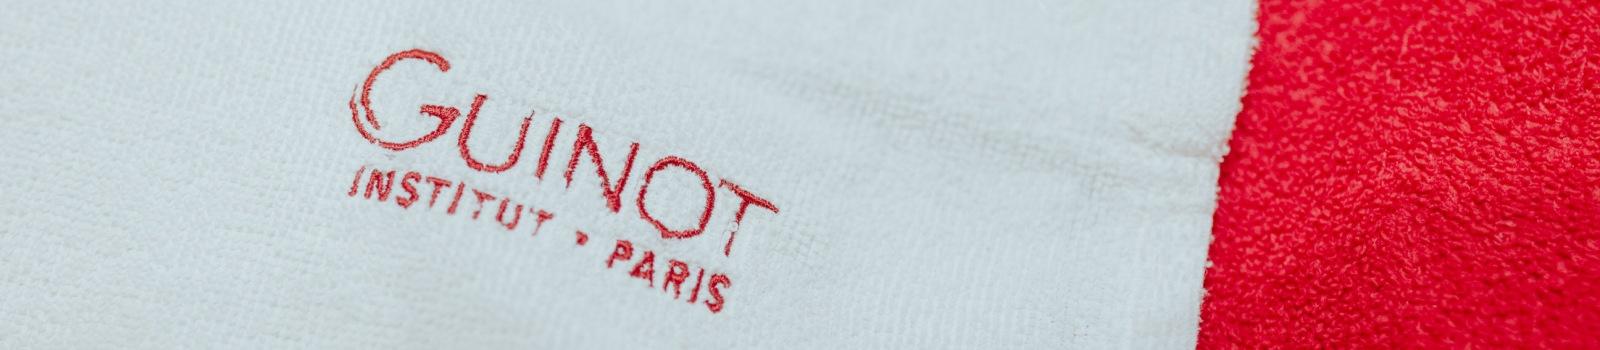 1571040241.1071Guinot.Paris-10.10-174.jpg